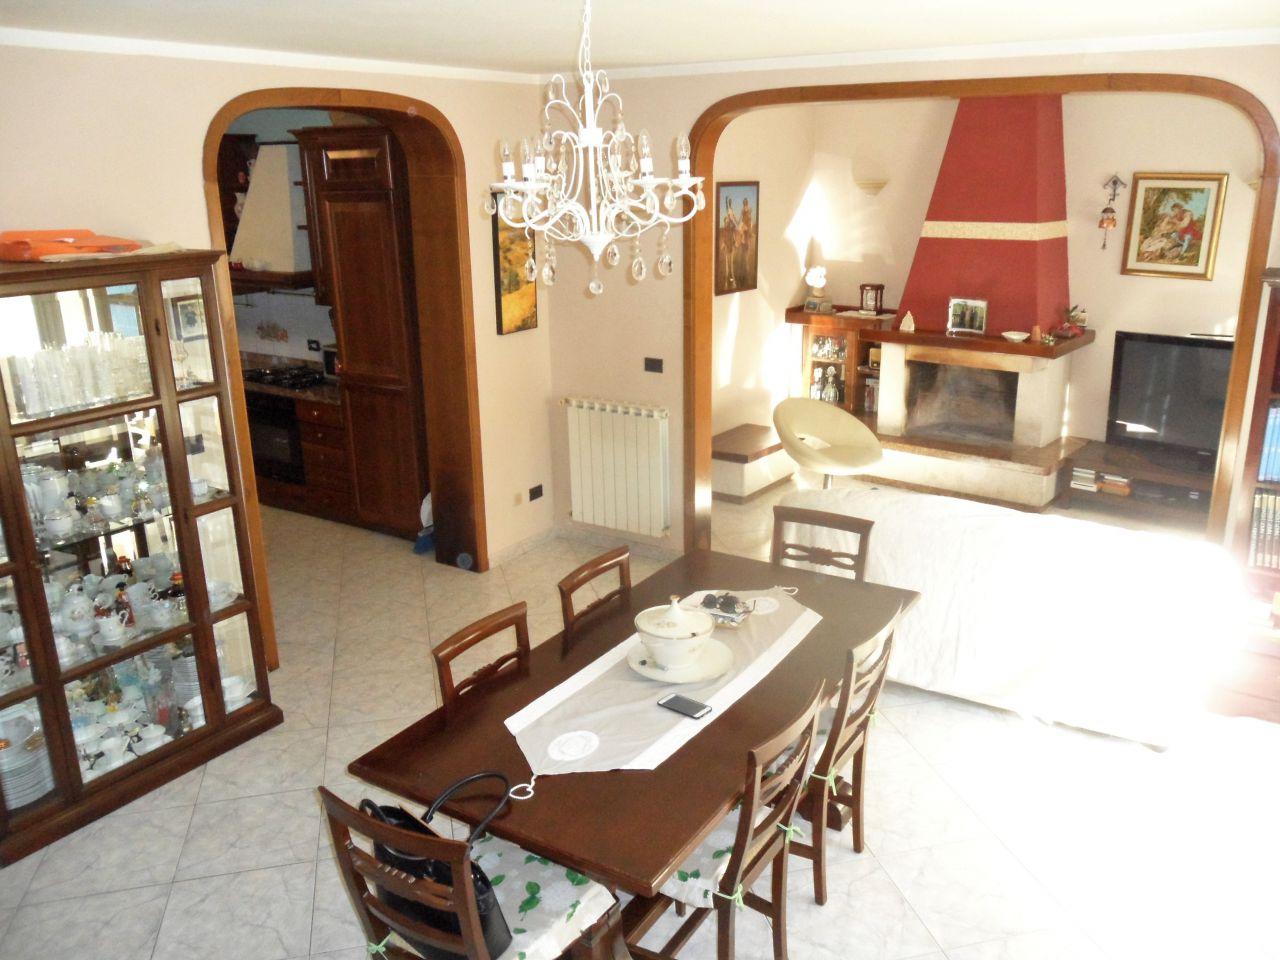 Soluzione Indipendente in vendita a San Miniato, 7 locali, zona Località: GENERICA, prezzo € 250.000 | Cambio Casa.it